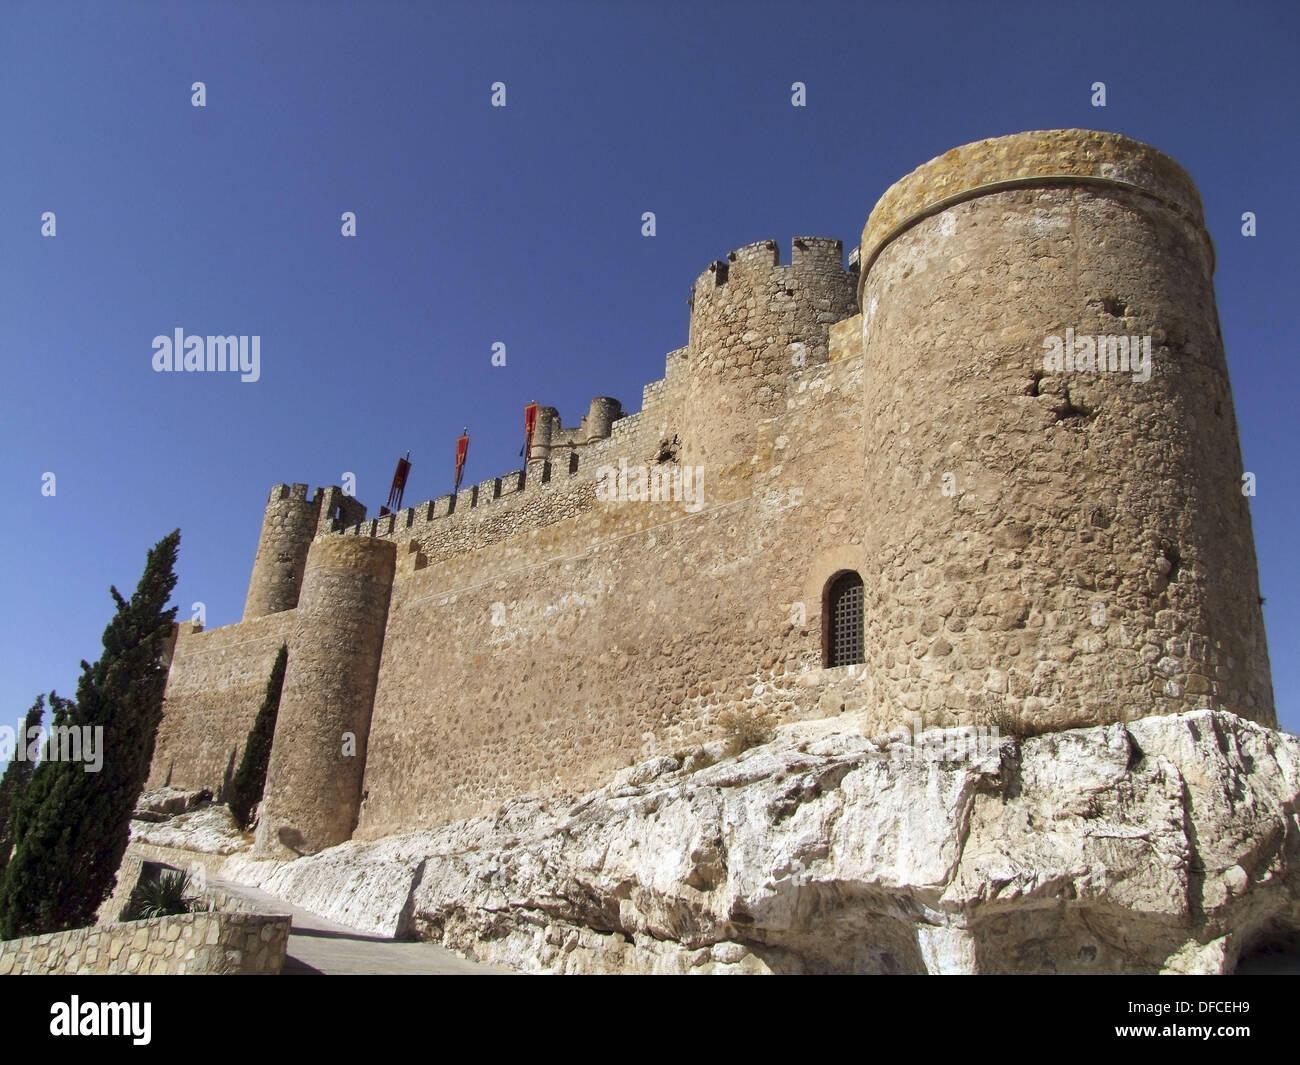 Outdoorküche Buch Buchan : Https: www.alamy.de kirche von str nicholas perast montenegro